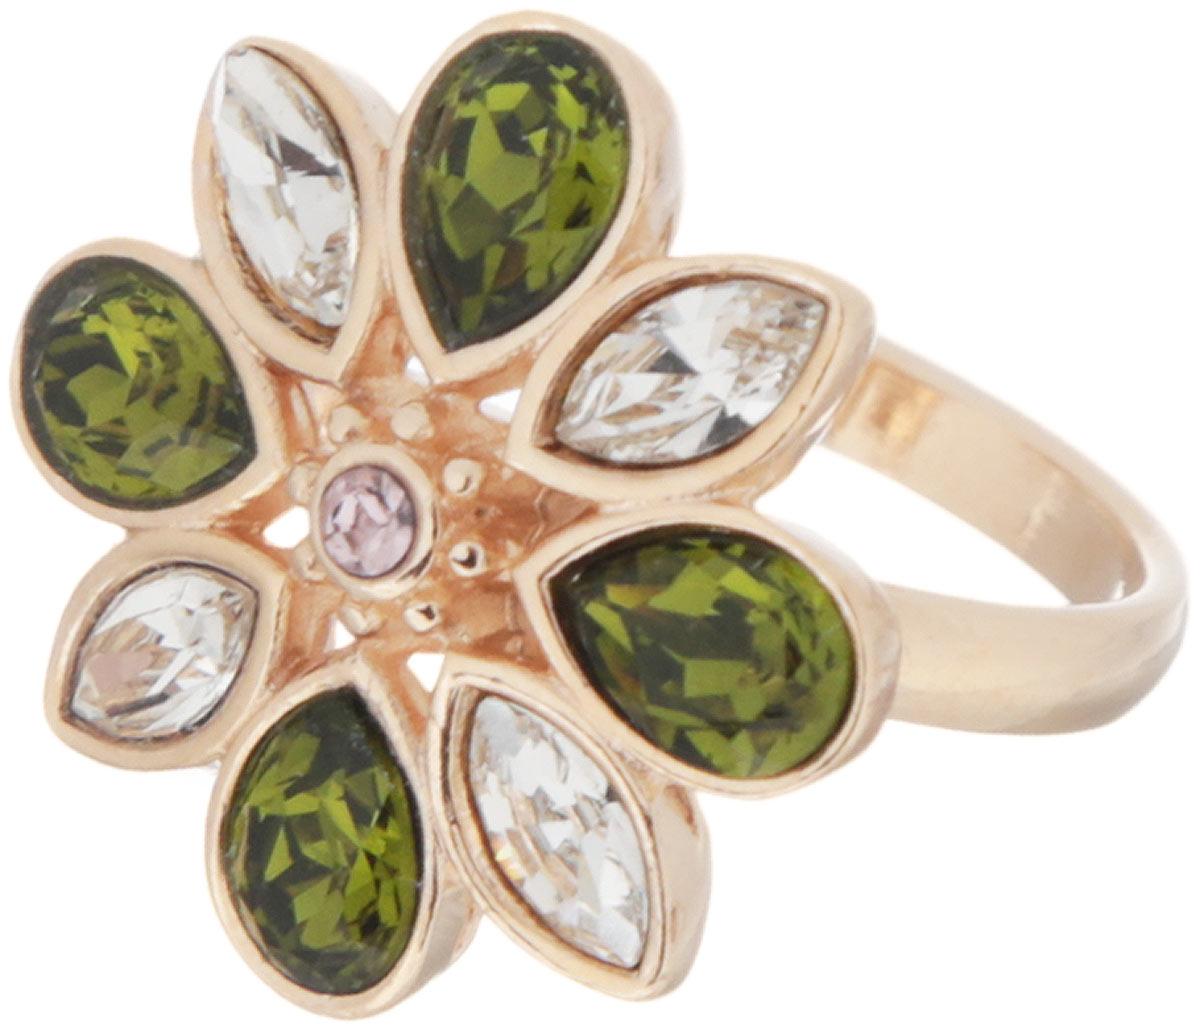 Кольцо Jenavi Фтия, цвет: золотистый, зеленый, прозрачный. Размер 16k321p070Яркое кольцо Jenavi Фтия изготовлено из ювелирного сплава с антиаллергическим гальваническим позолоченным покрытием. Декоративный элемент в виде цветка из чередующихся кристаллов Swarovski придает ему праздничный вид. Изысканное цветовое решение и оригинальный дизайн этого кольца не позволят вам остаться незамеченными.